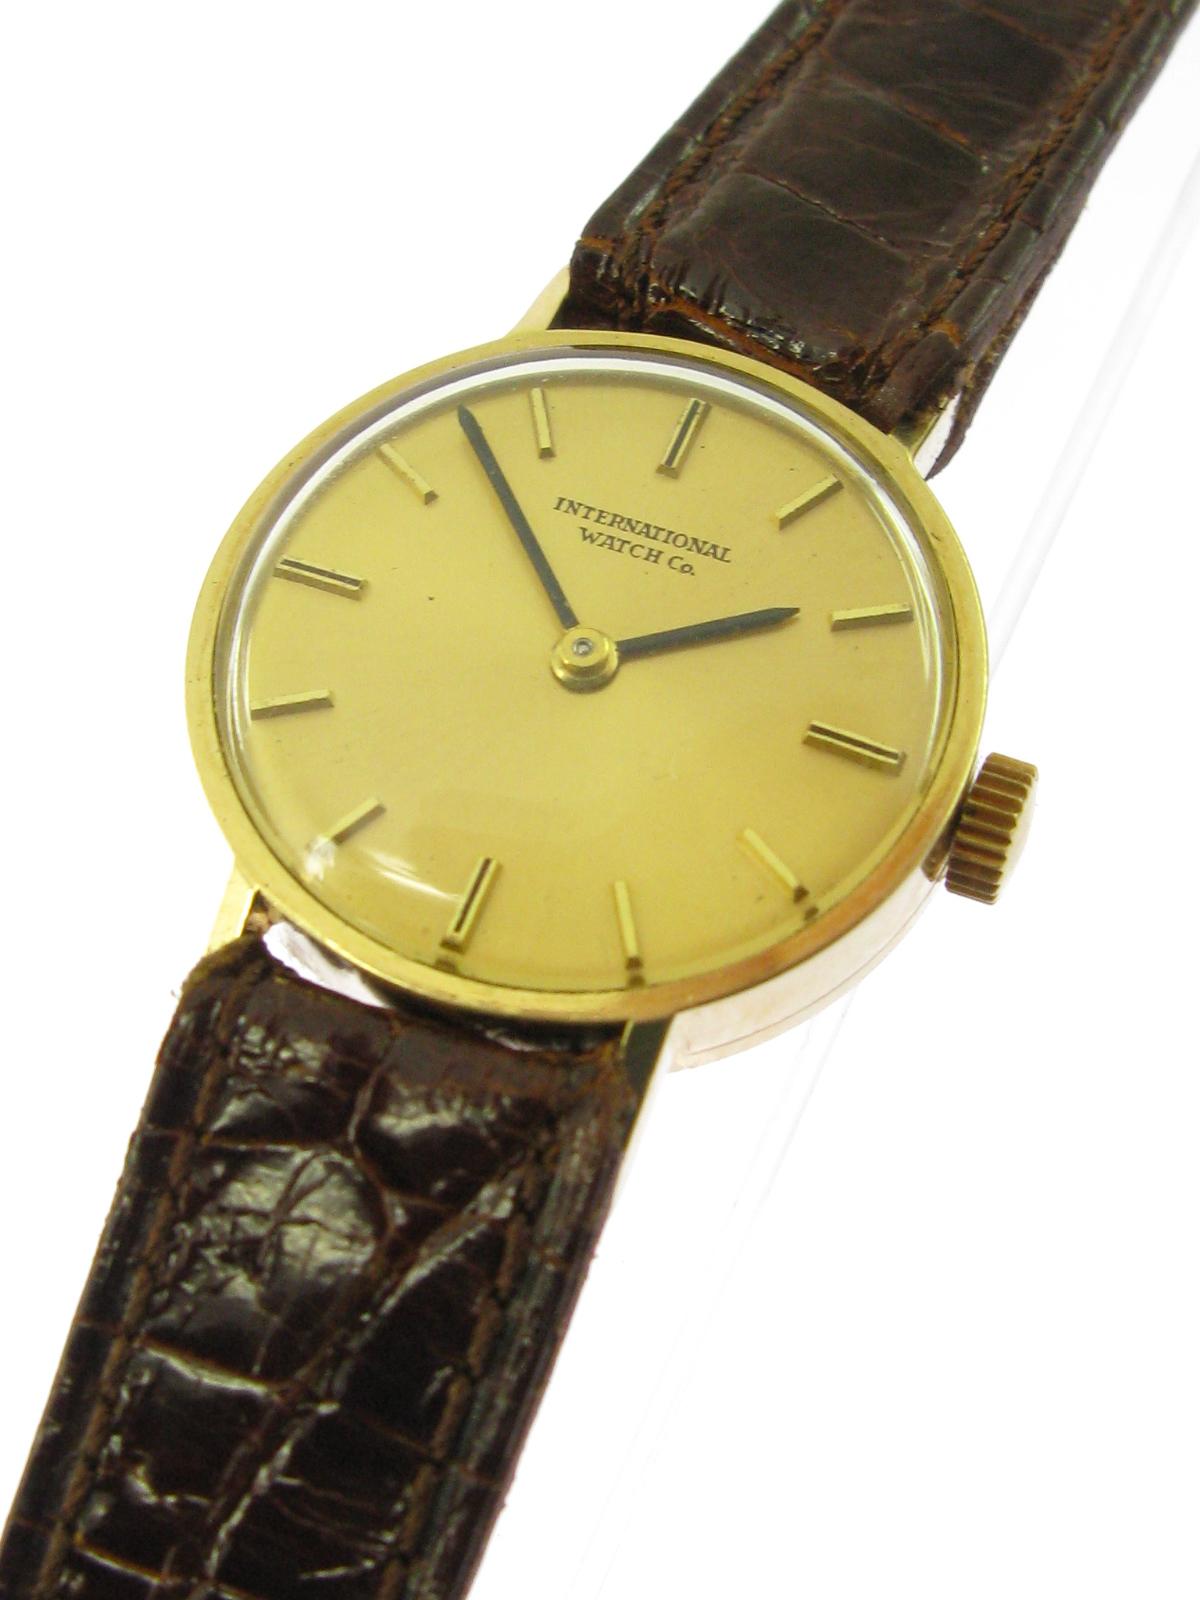 iwc 18 kt gold damen armbanduhr 60er jahre klassiker ebay. Black Bedroom Furniture Sets. Home Design Ideas